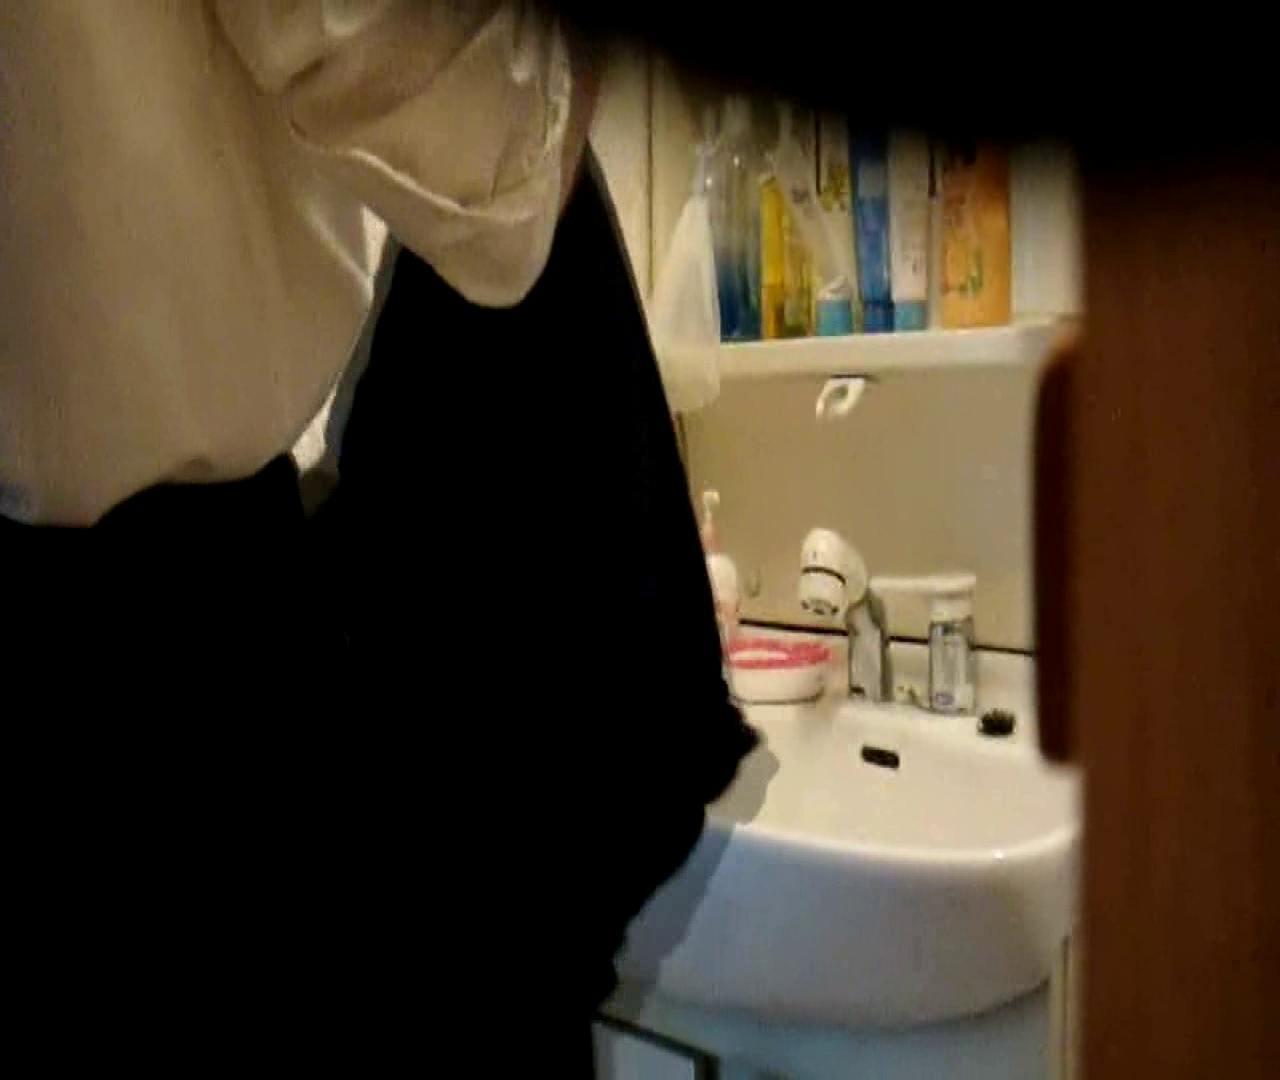 二人とも育てた甲斐がありました… vol.05 まどかが洗顔後にブラを洗濯 盗撮特集   おまんこ  86画像 71